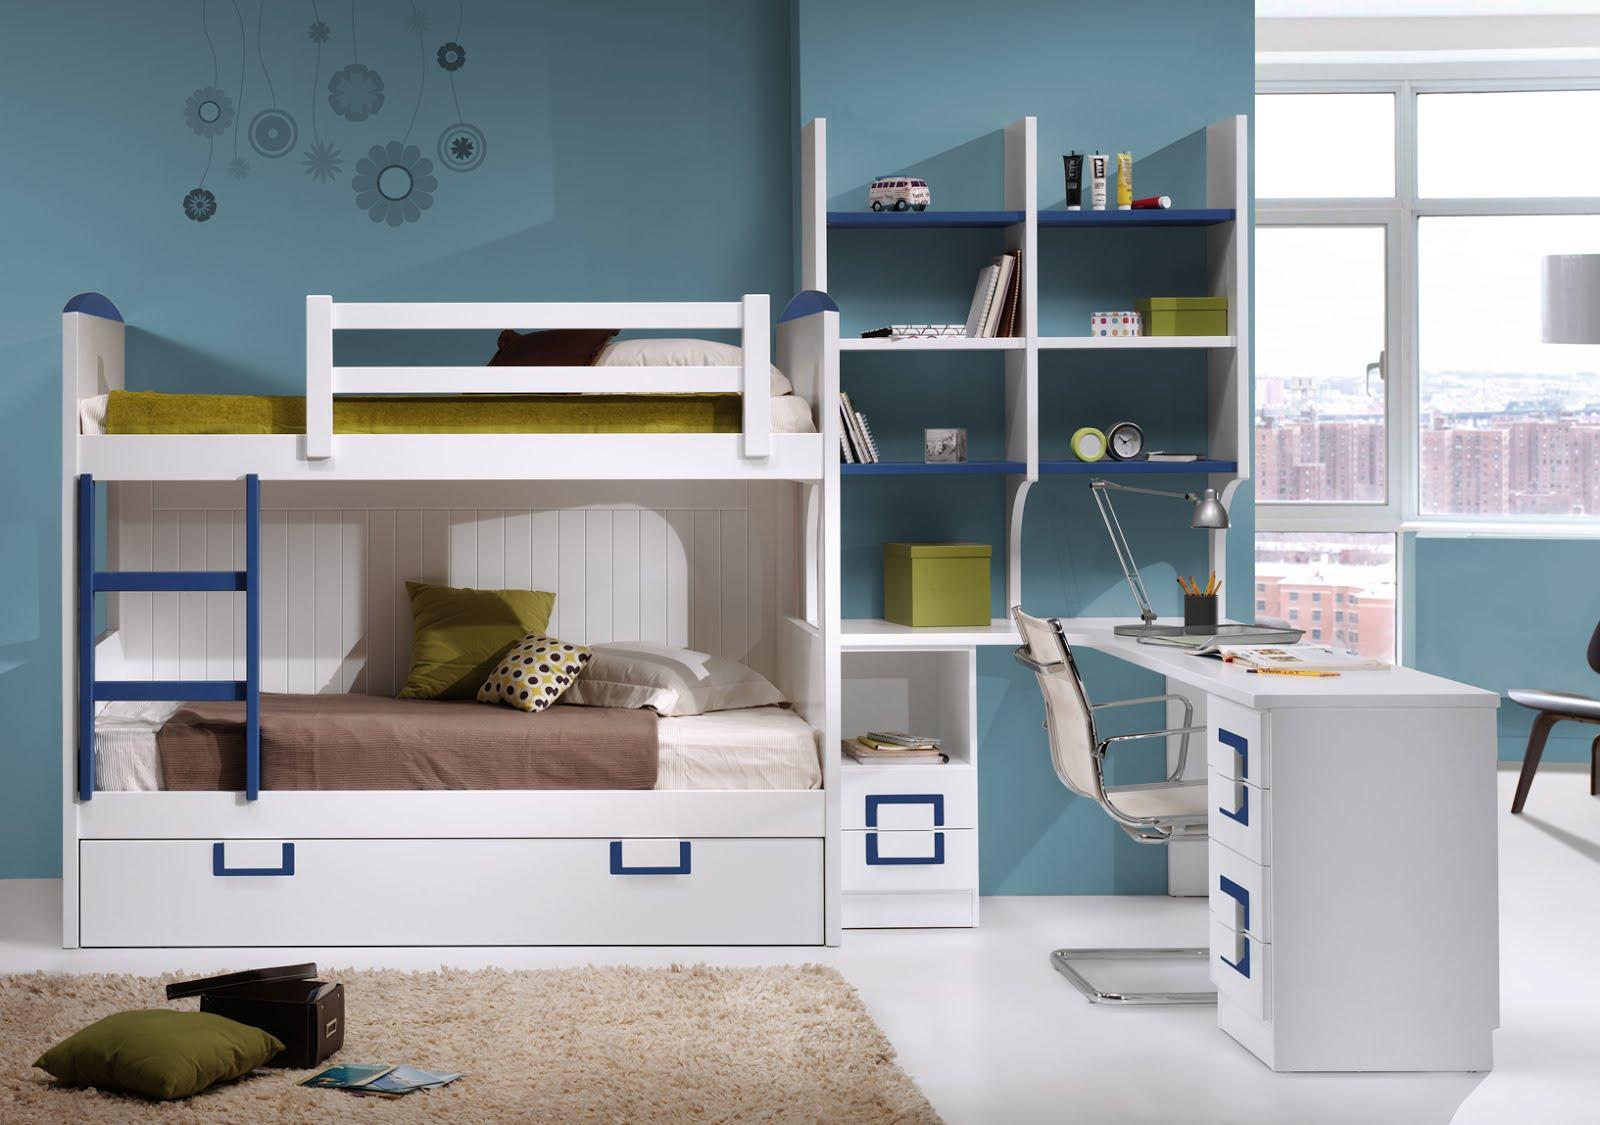 Litera con 3 camas trilitera lacada en blanco - Camas dormitorios infantiles ...